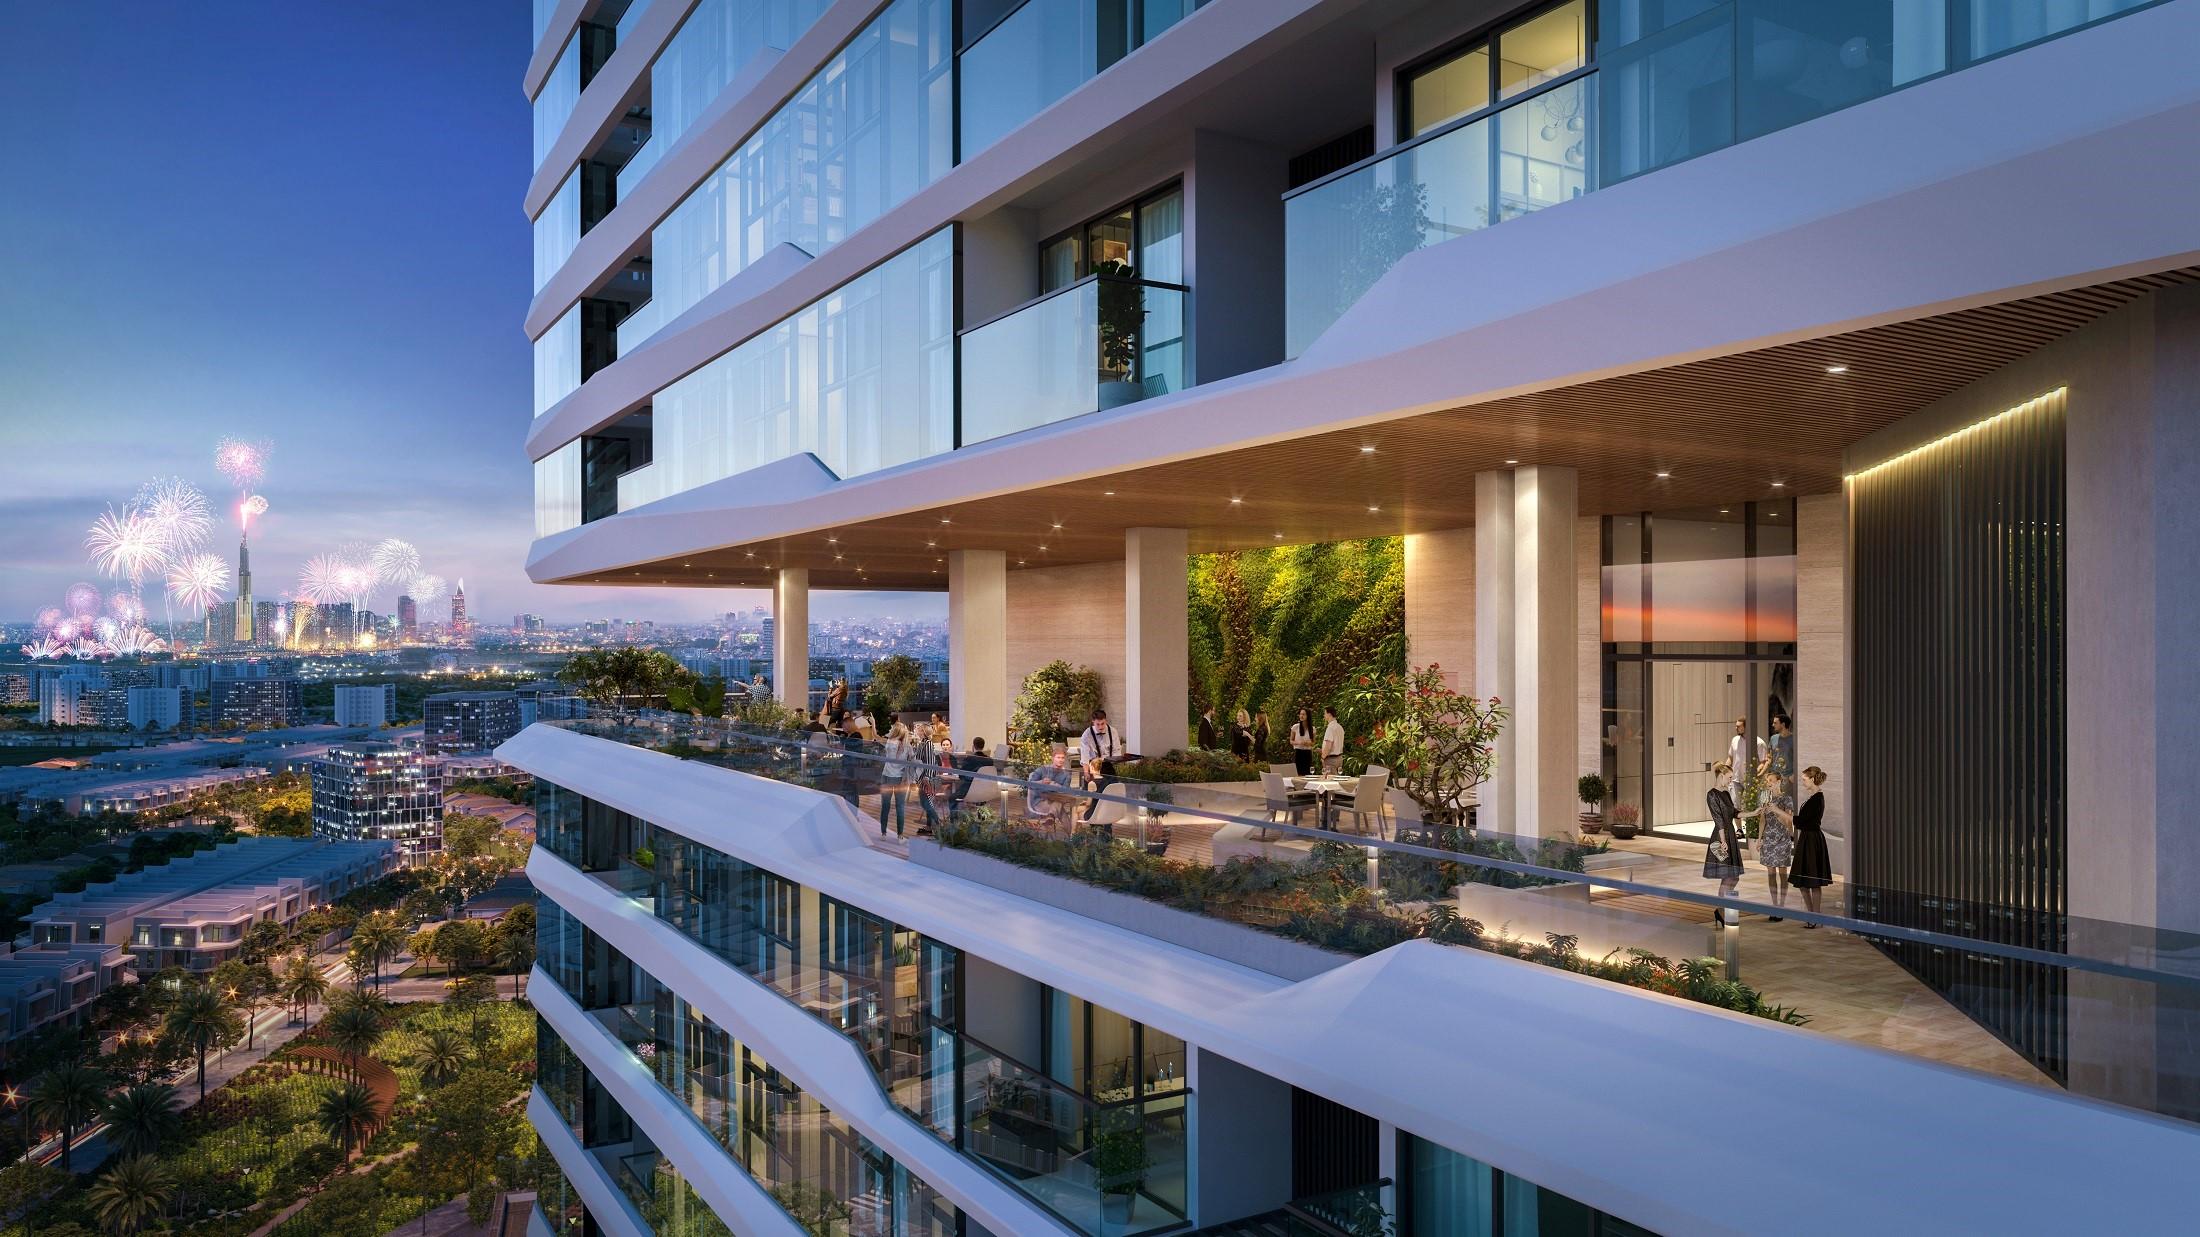 Khu phức hợp mang đến chuẩn mực và phong cách sống đẳng cấp cho cư dân thành phố mới. Ảnh phối cảnh: BCG Land.